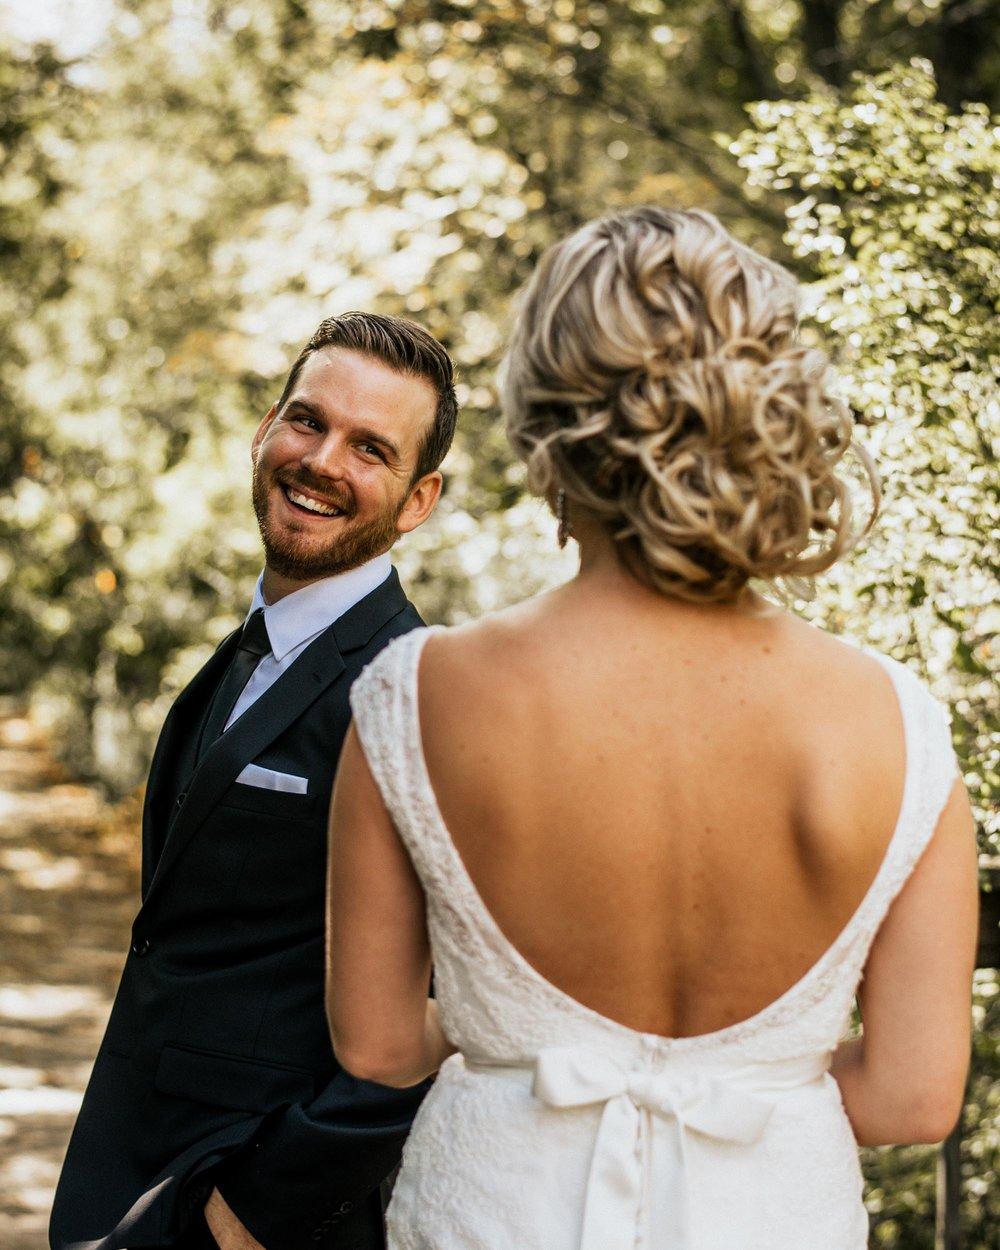 wedding-photography-stratford-davidiam-169.jpg